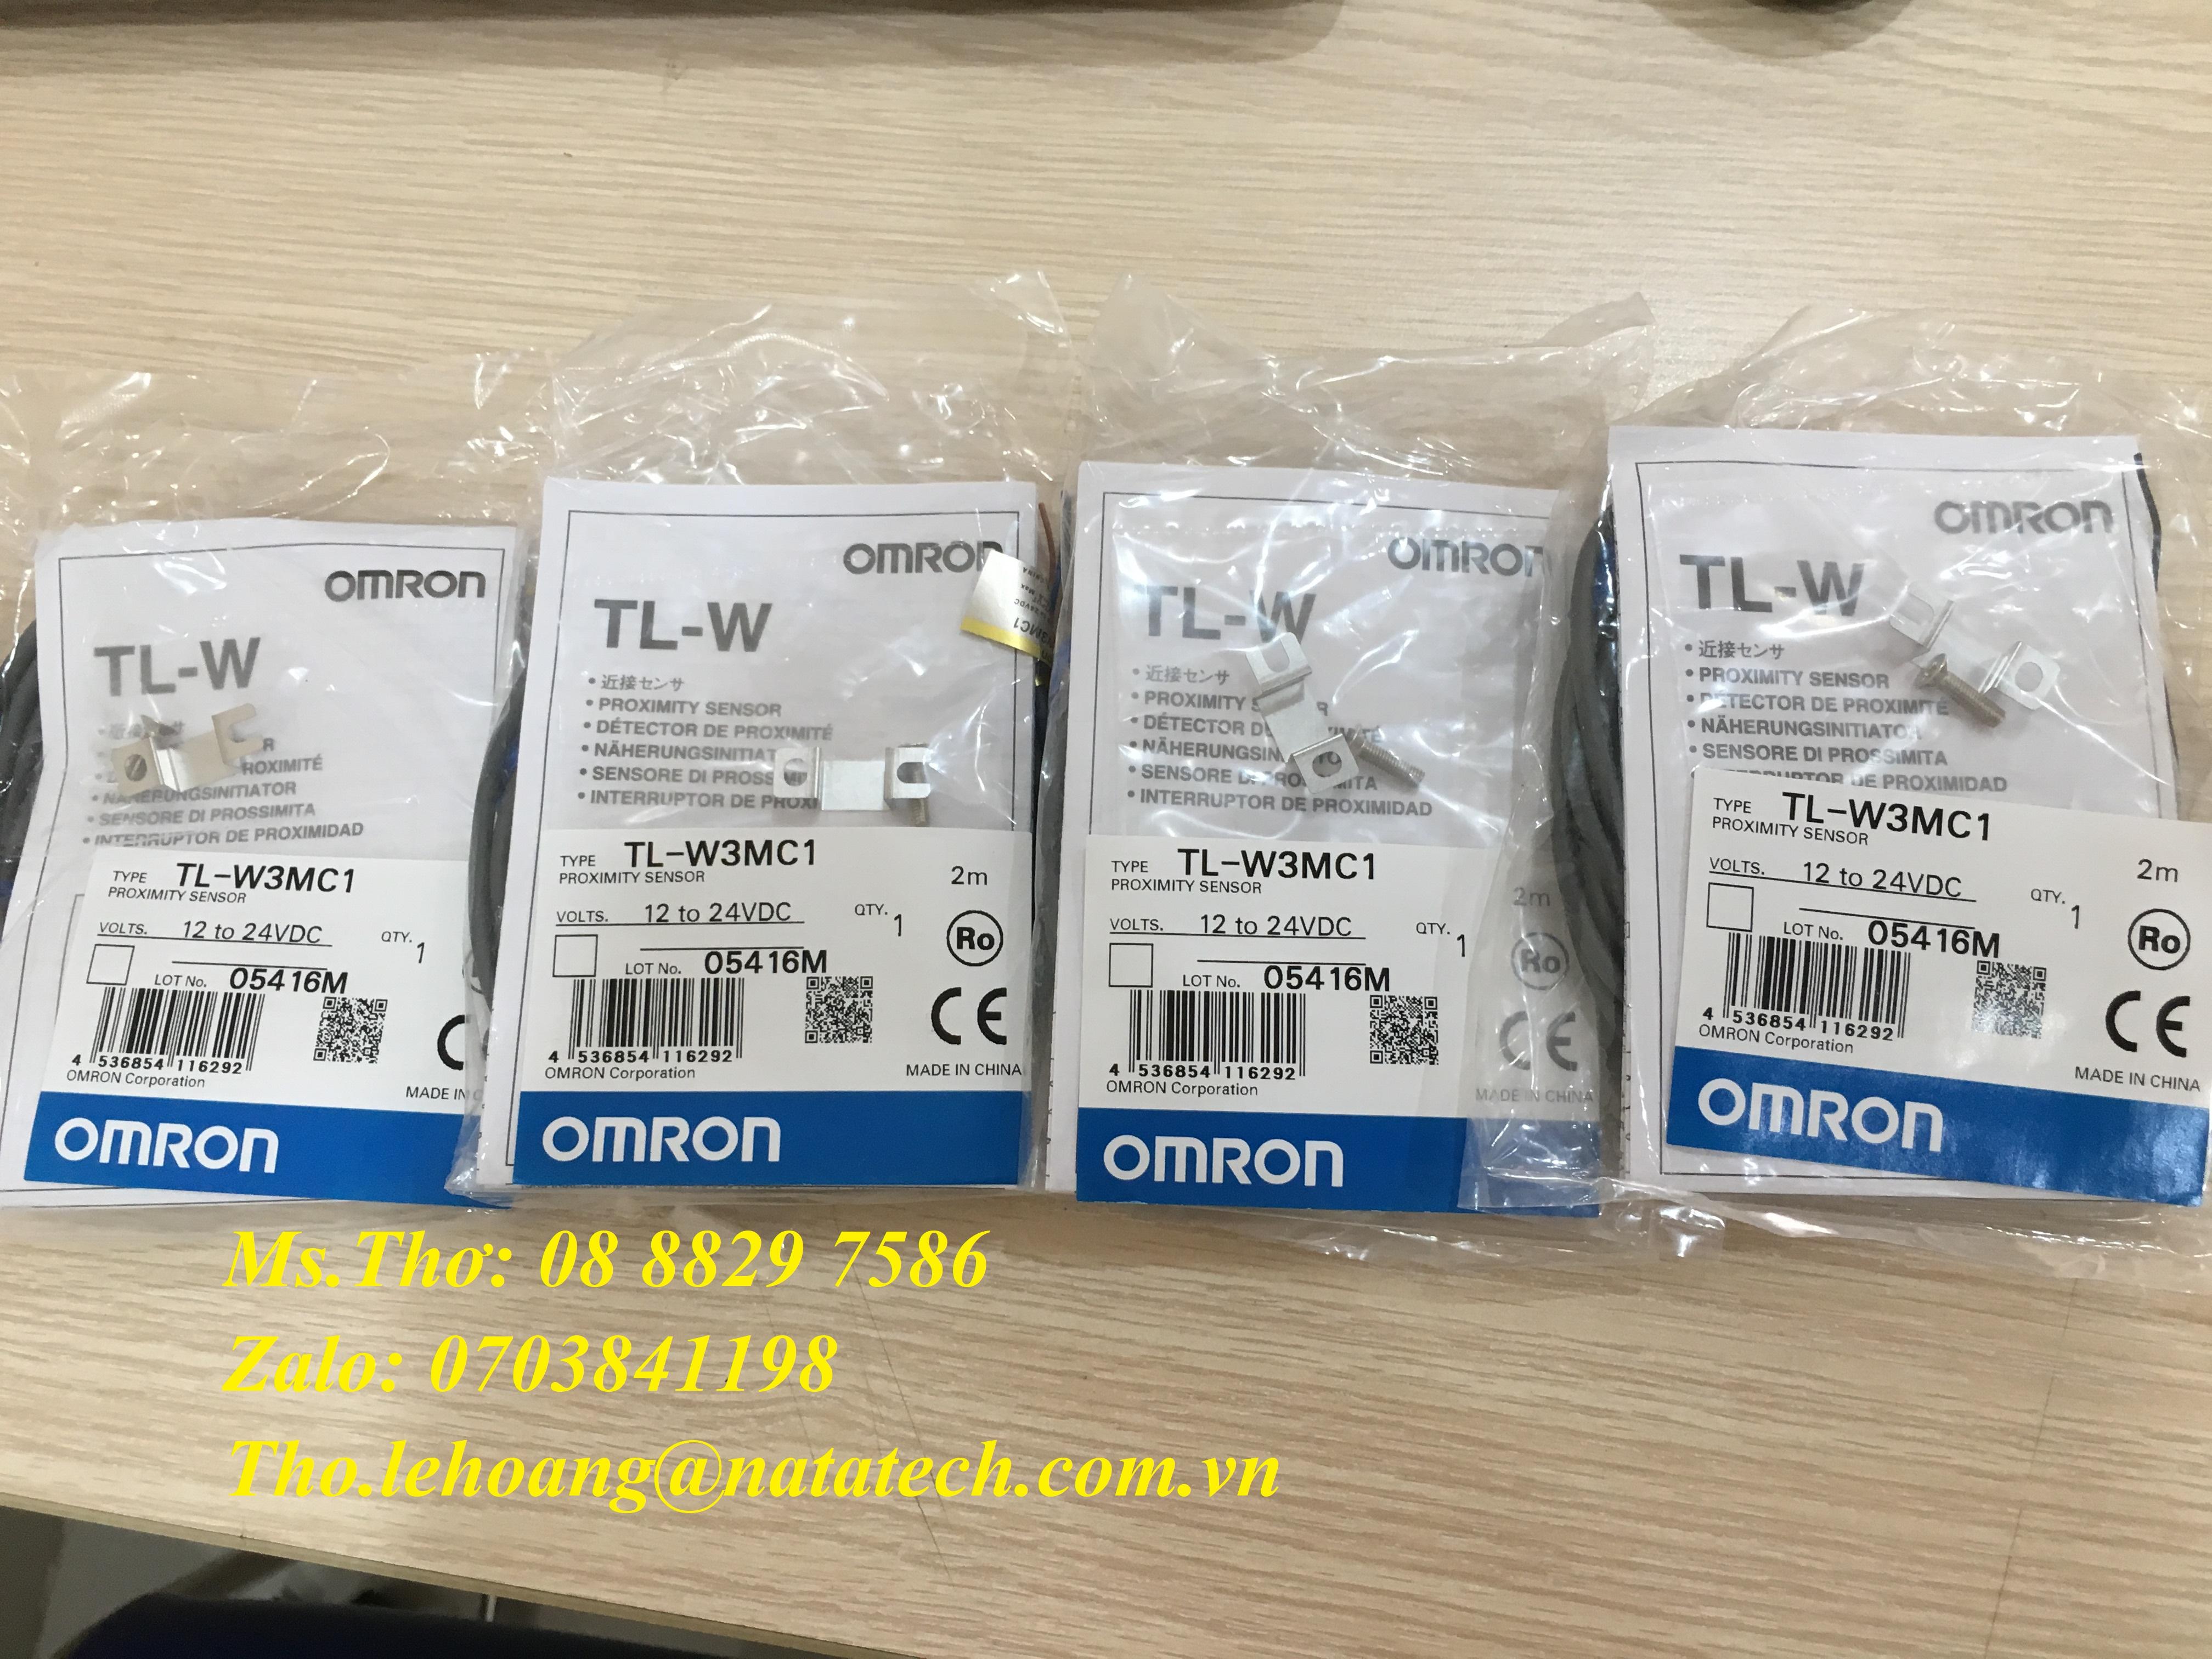 Cảm biến Omron TL-W3MC1 2M - Công Ty TNHH Natatech